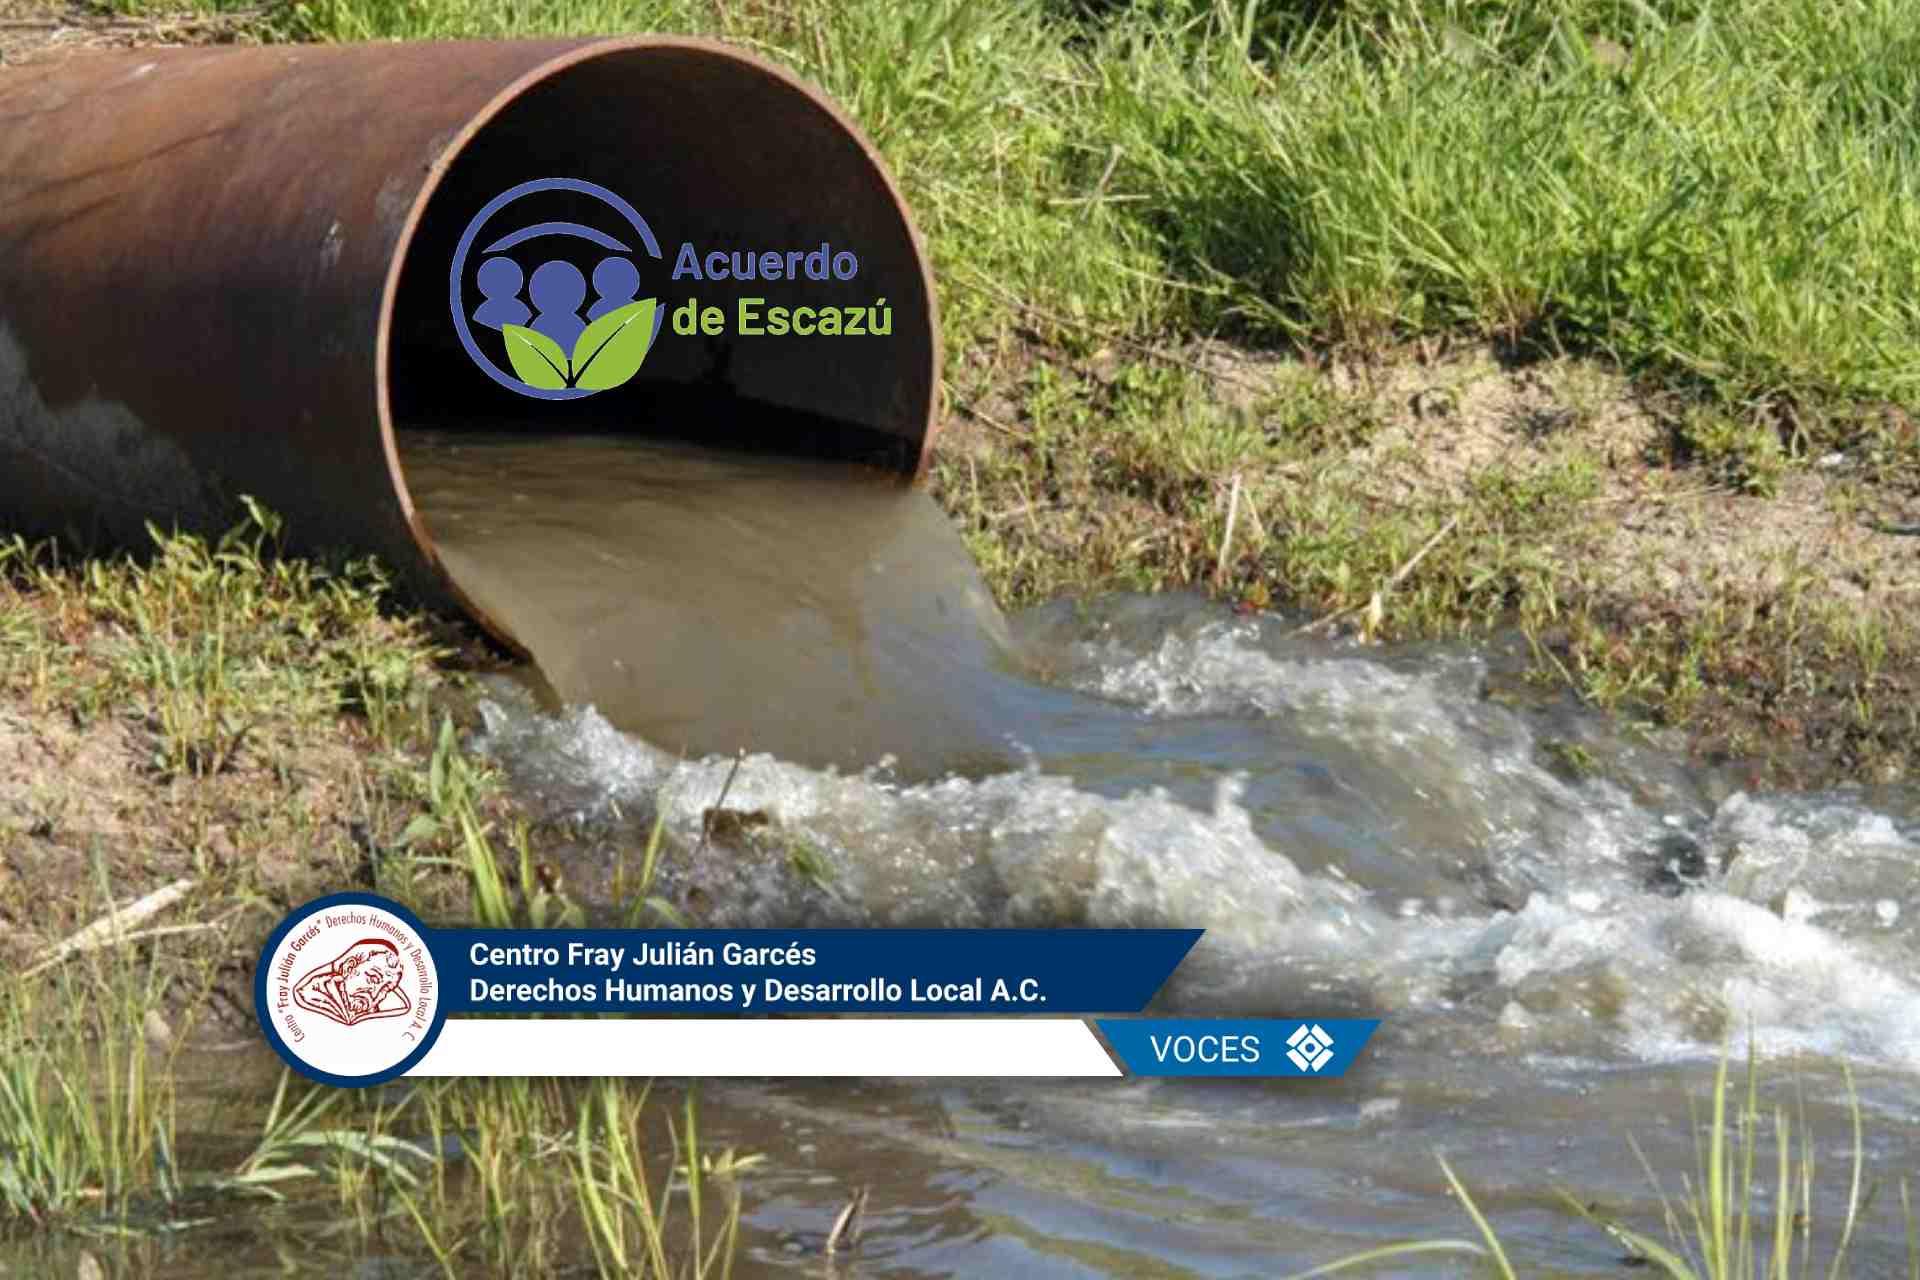 agua-Tlaxcala-centro fray julián garcés-derechos humanos